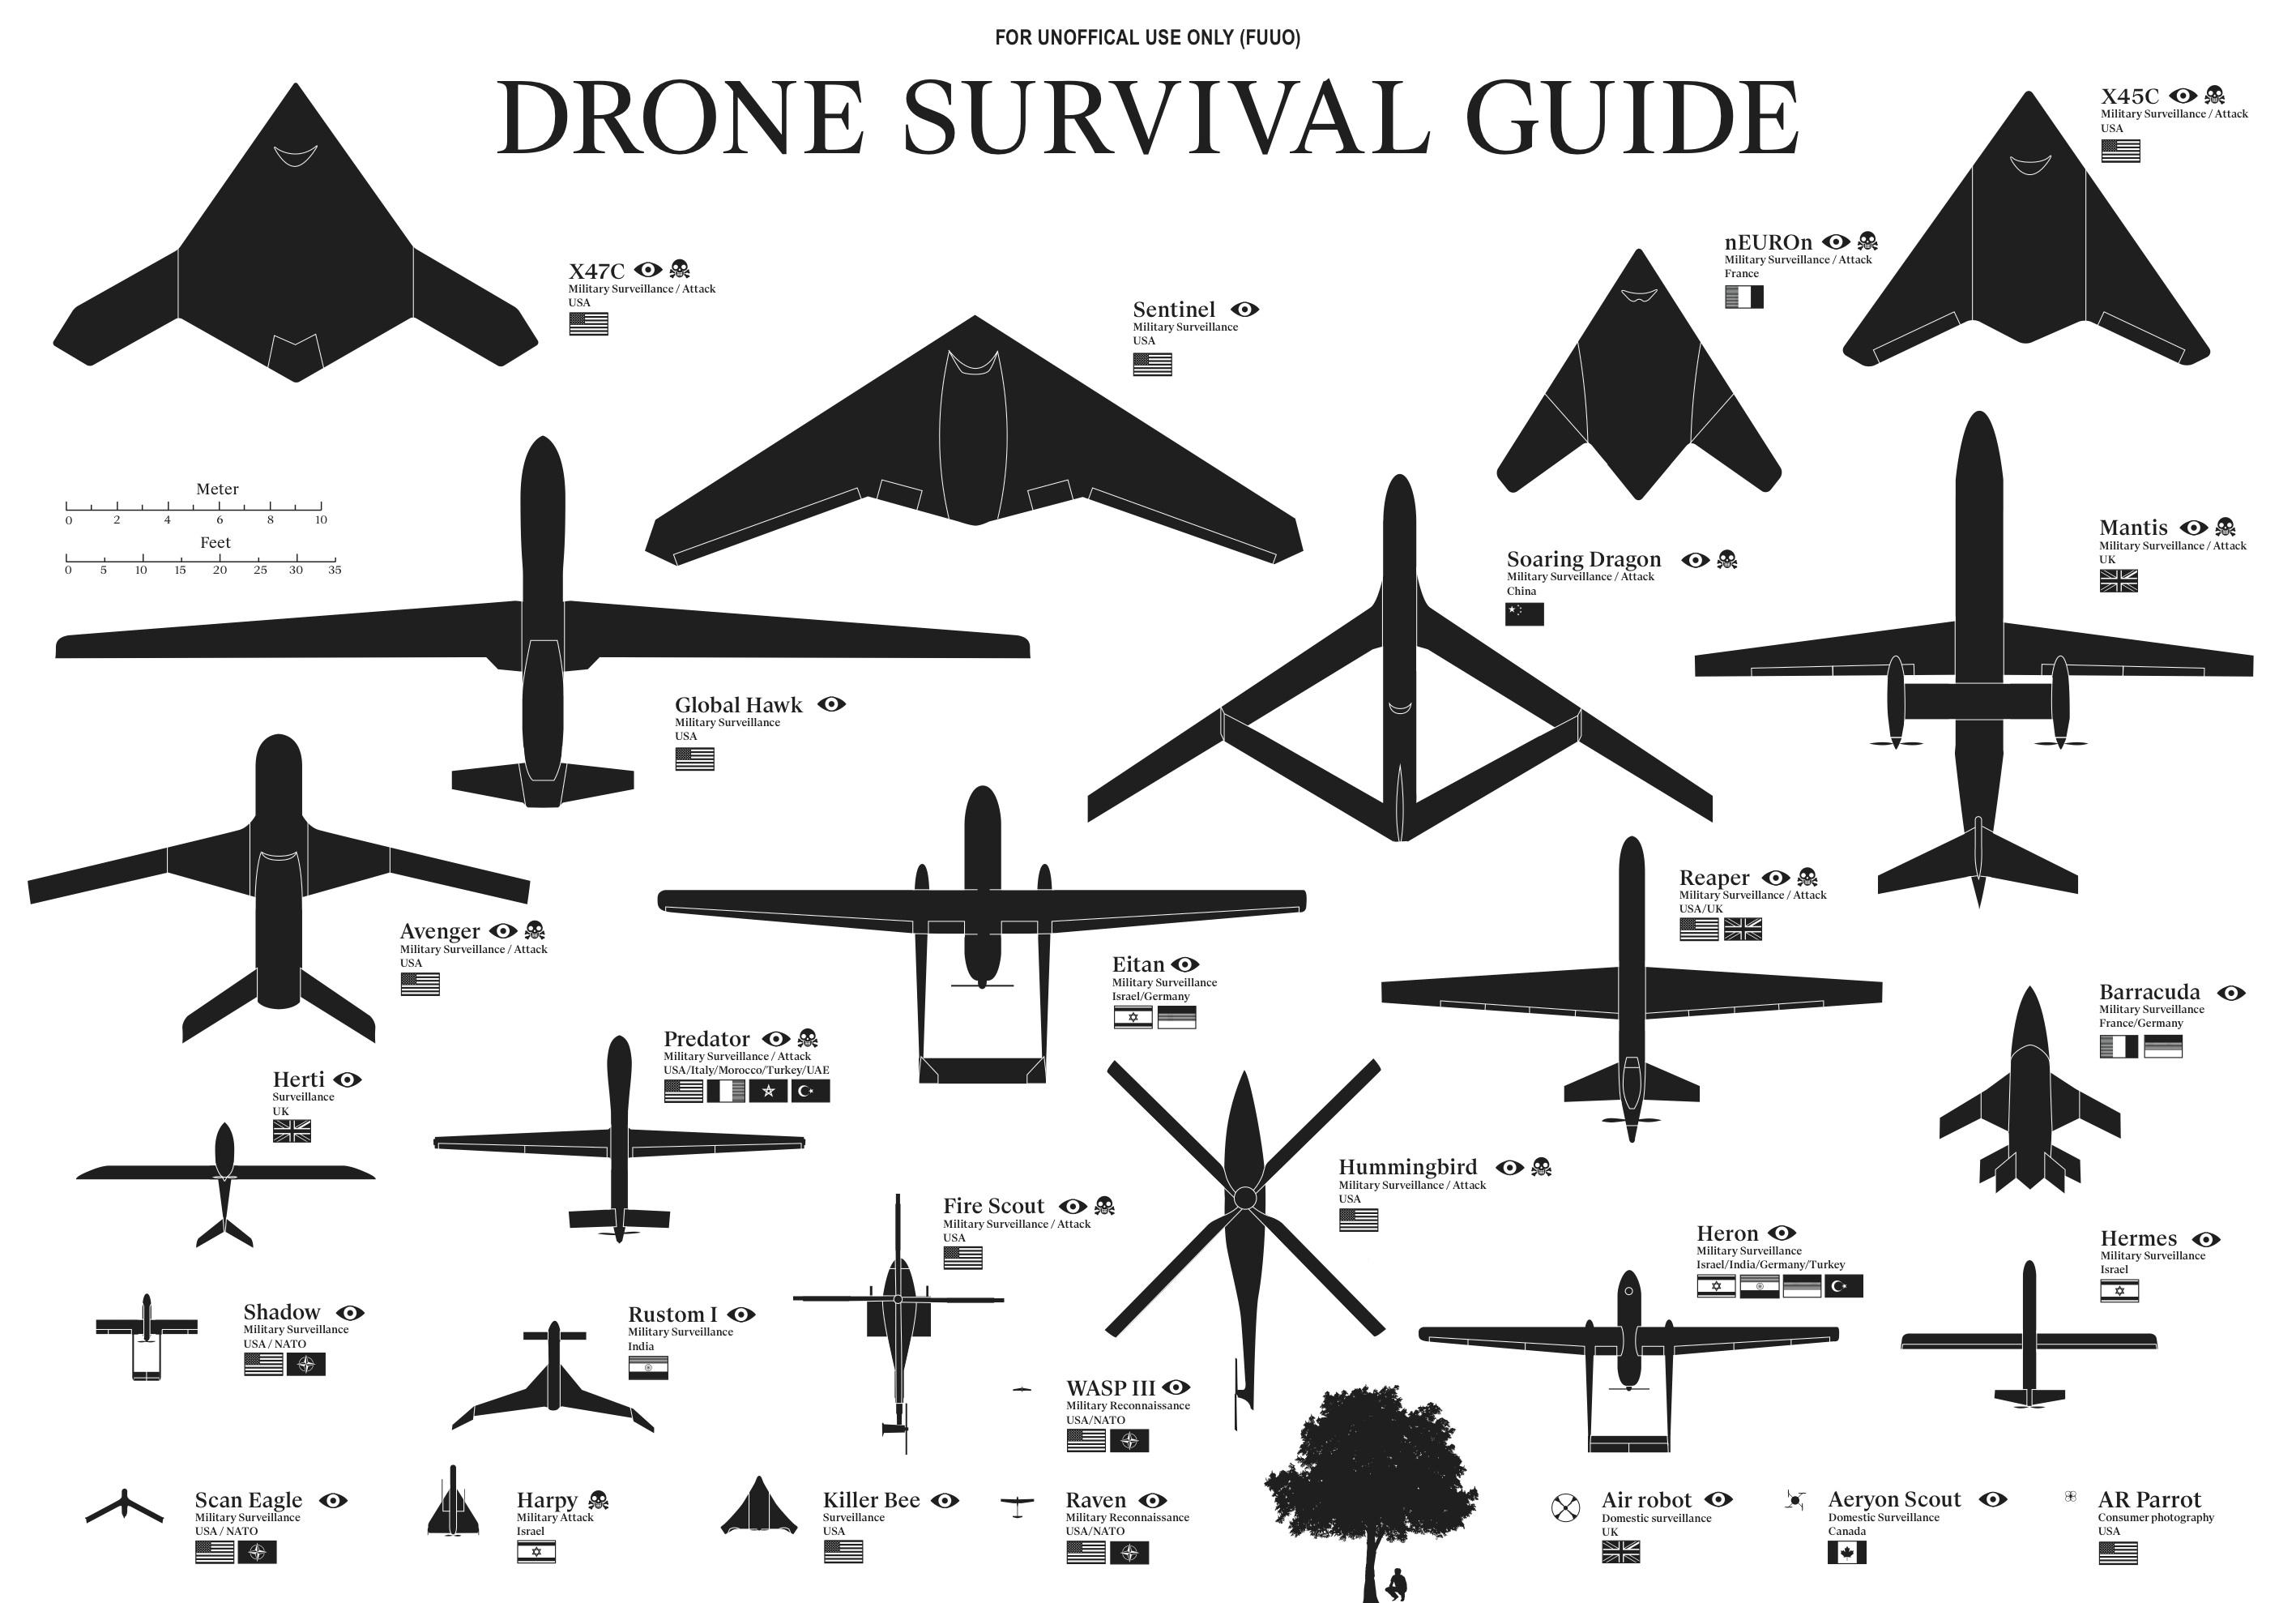 Survols de centrales nucléaires: ovni ou drones? - Page 3 Drone-Survival-Guide1